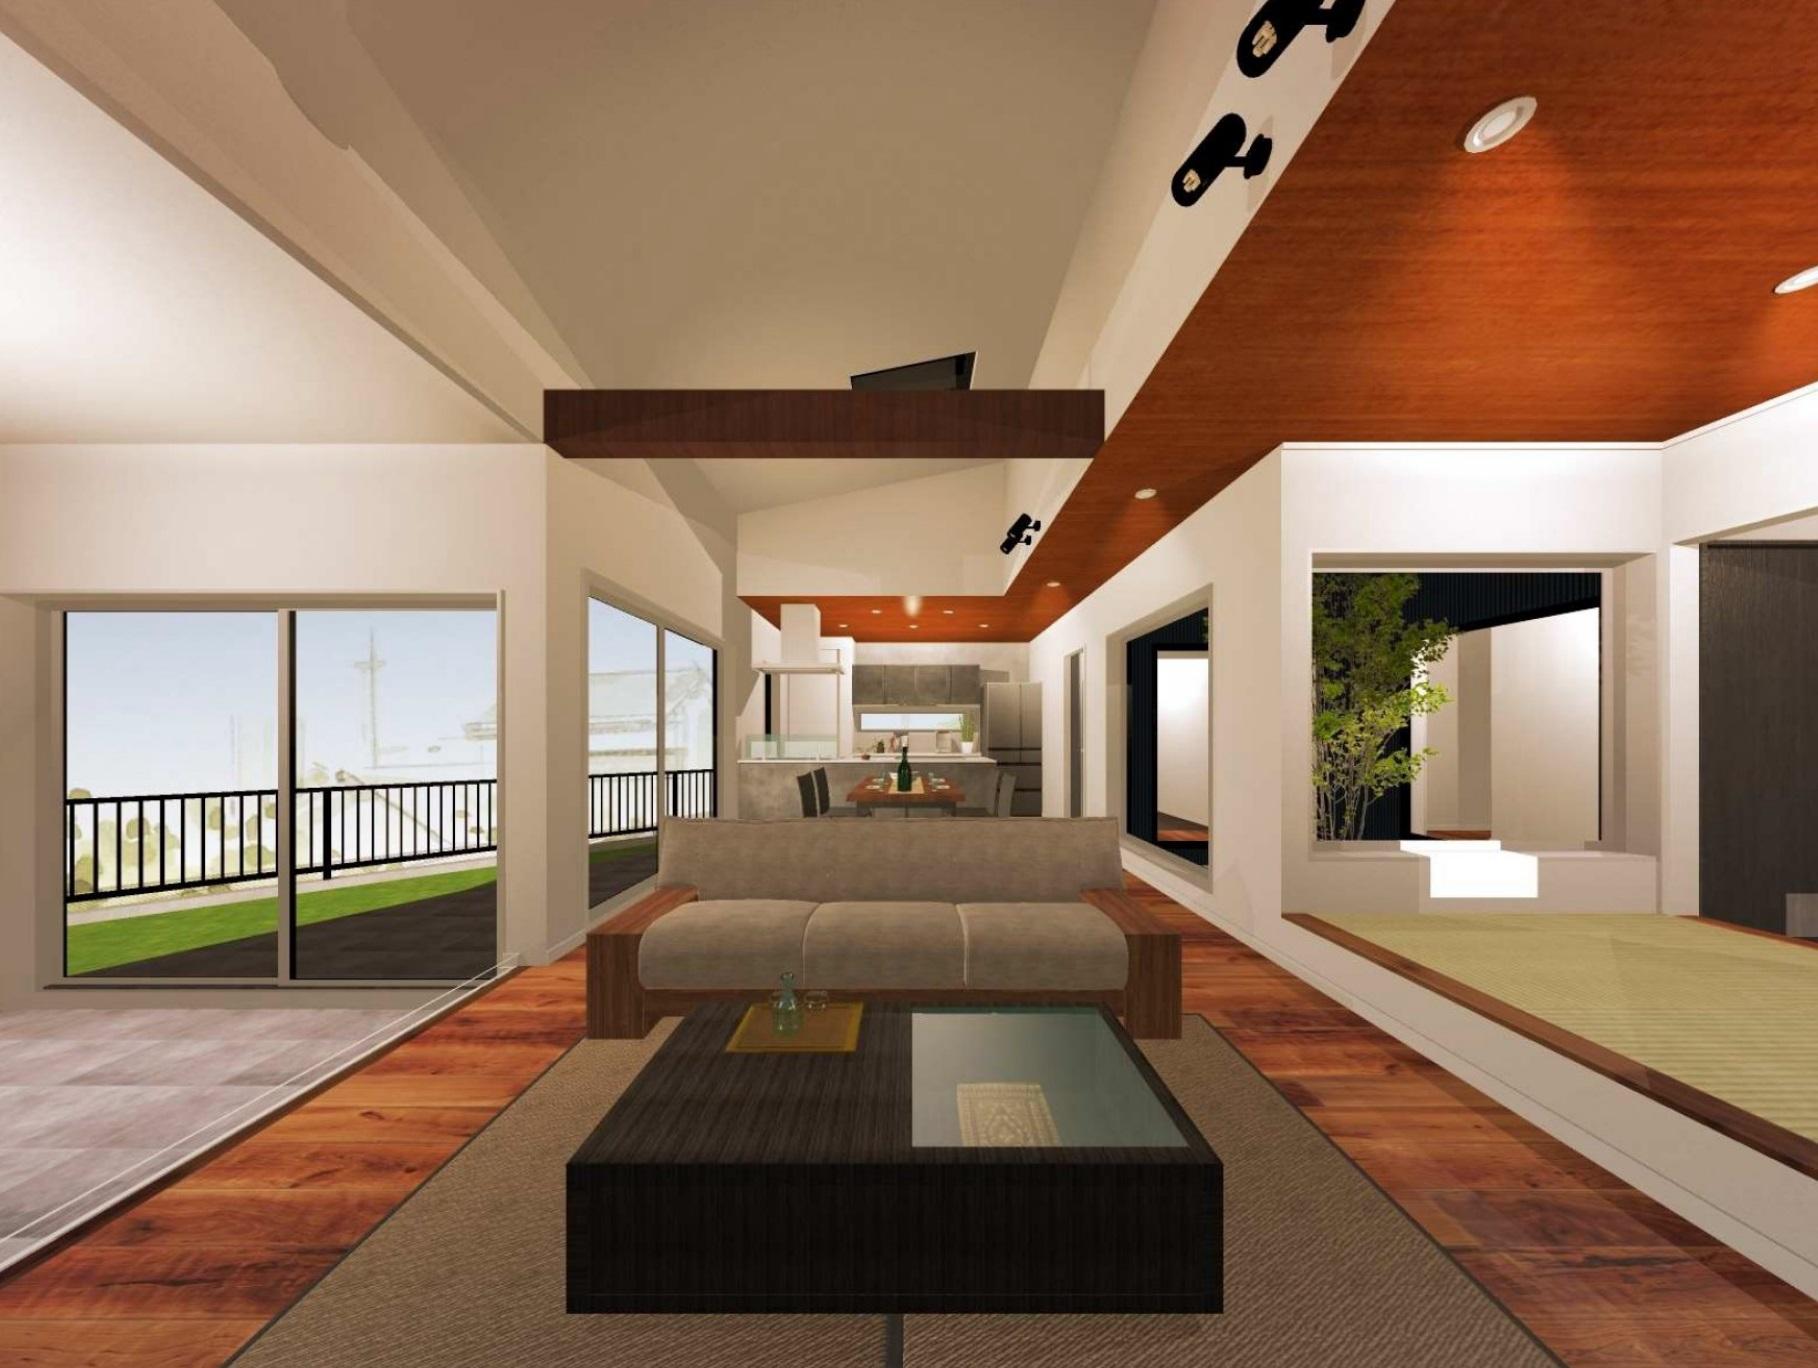 「中庭と薪ストーブのある家」図面作成してみました!VRで実際に建物の中に入ってみましょう😆